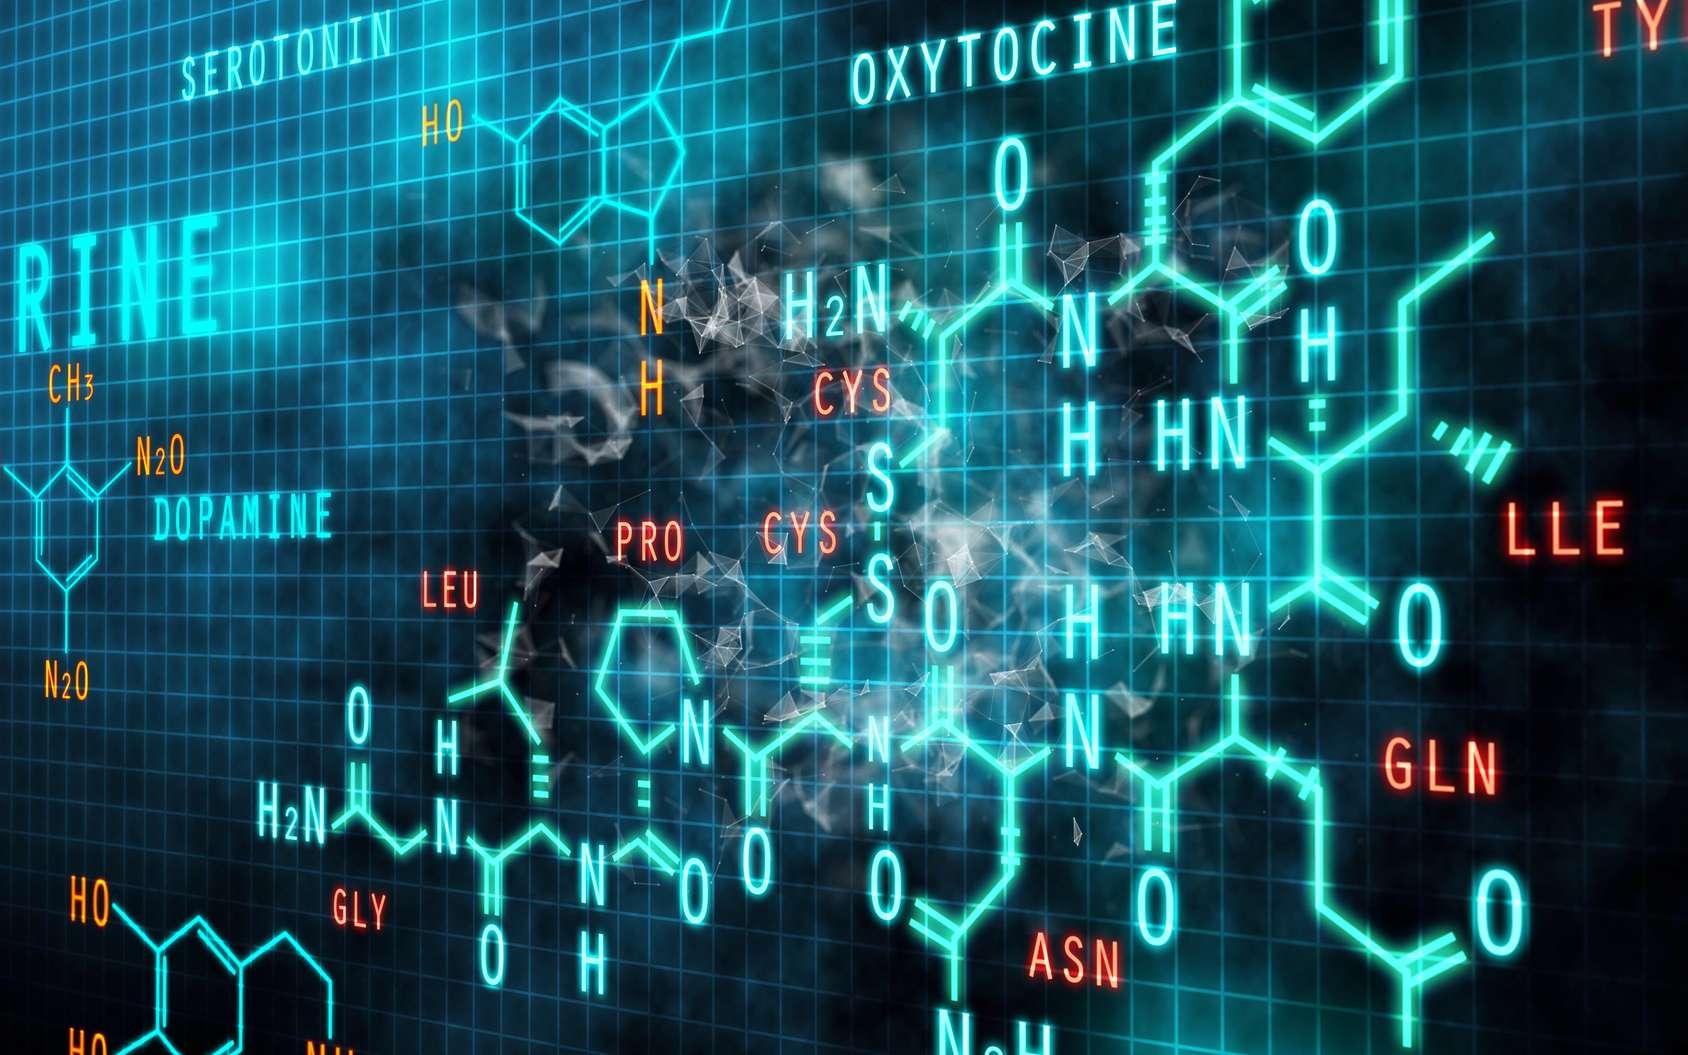 Des chercheurs en intelligence artificielle chez IBM ont développé un modèle d'IA qui prédit les produits majoritaires d'une réaction en chimie organique. © peshkova, Fotolia